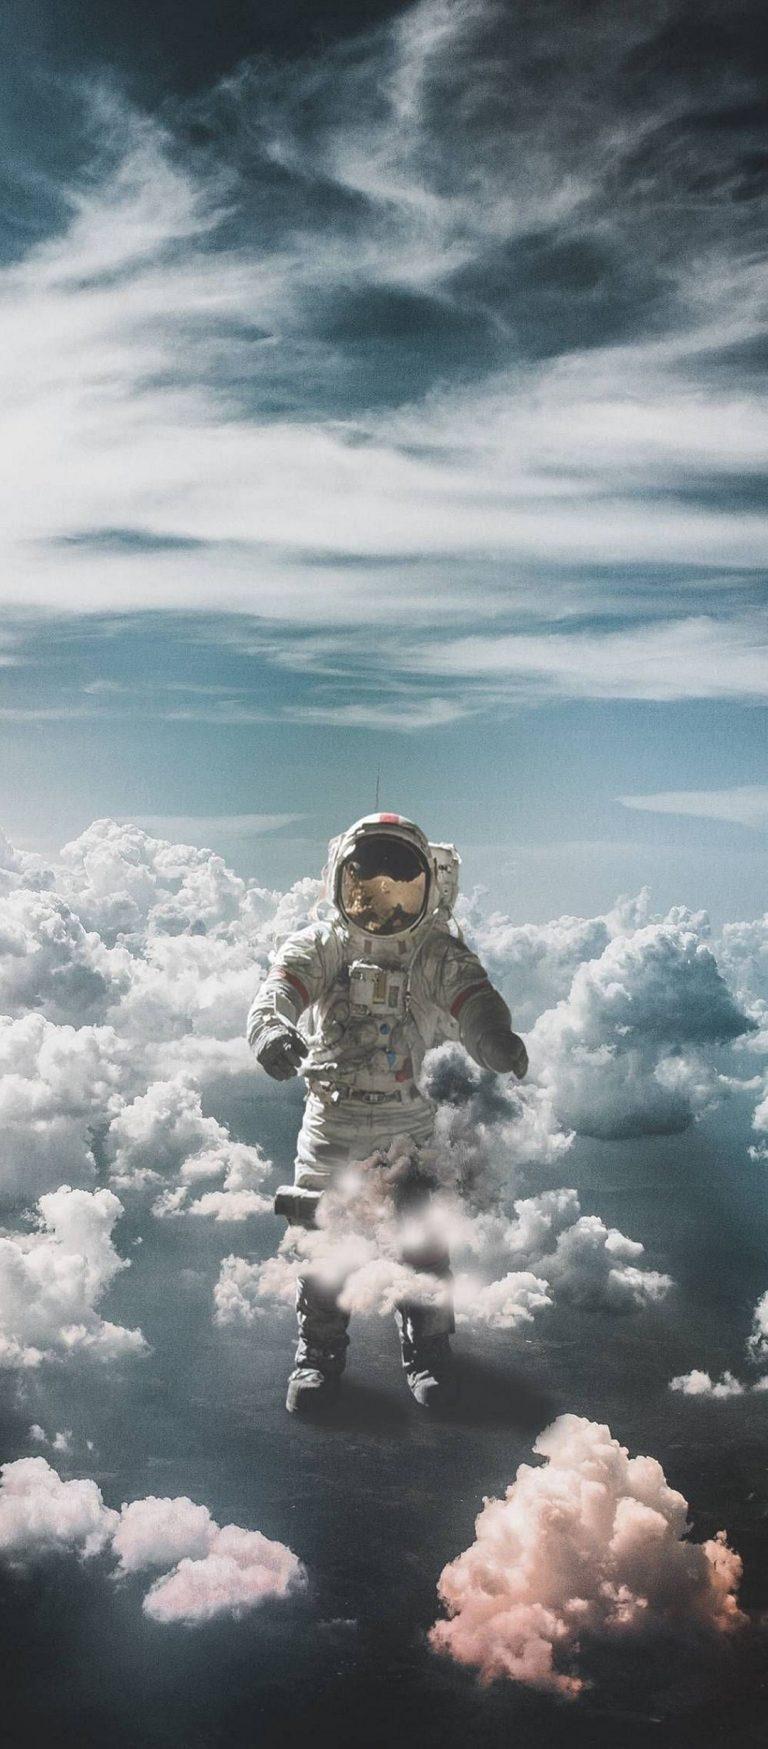 Astronaut Suit Space Clouds 1080x2460 768x1749